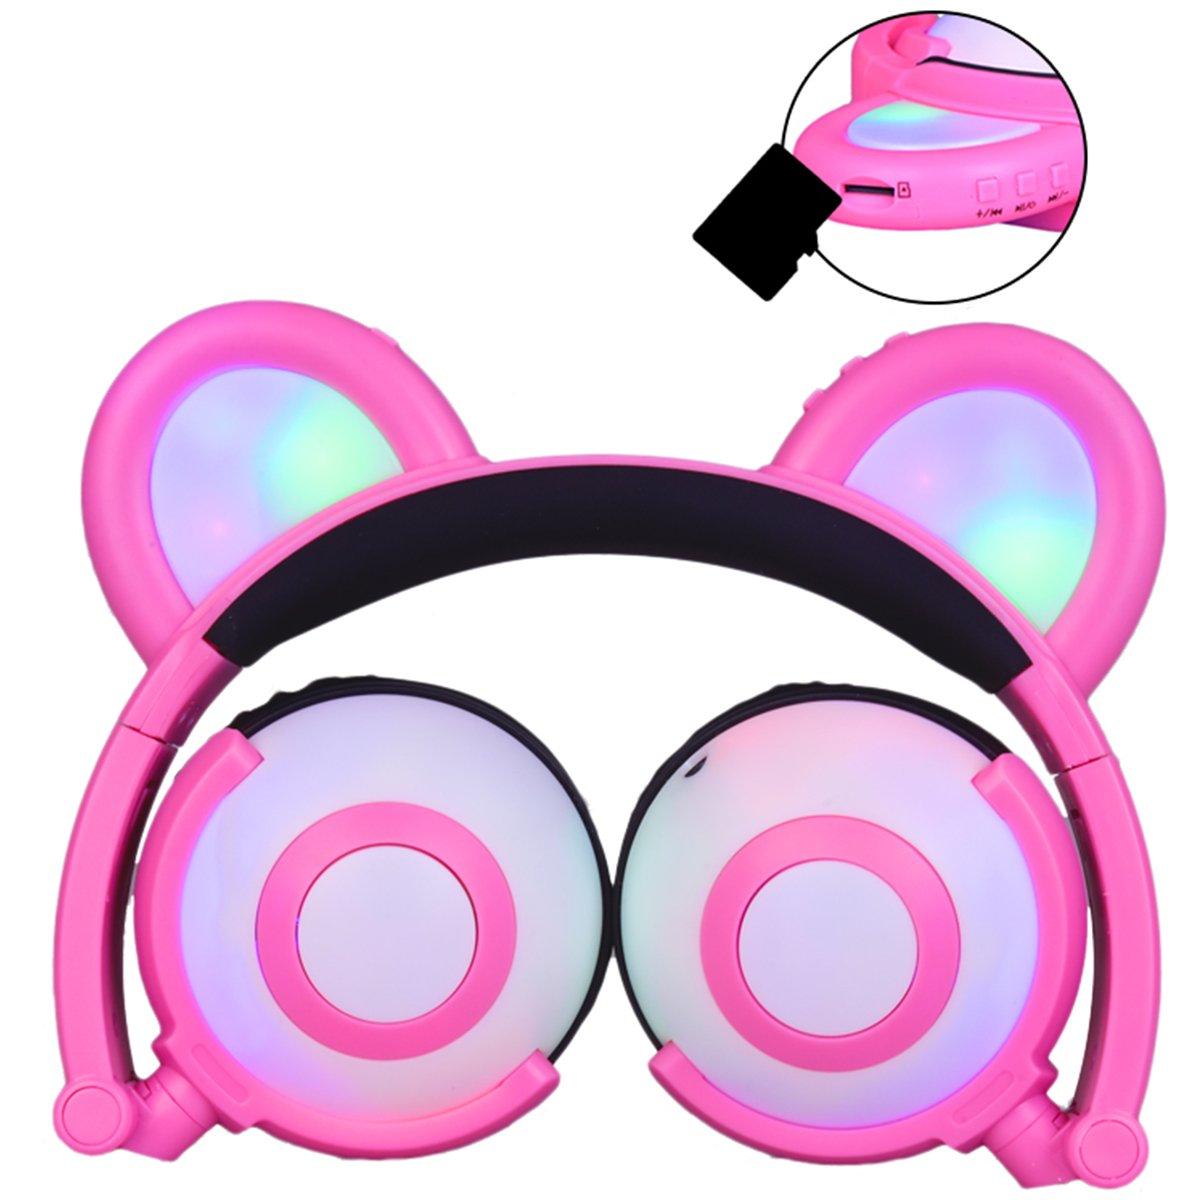 LIMSON Faltbare Over-Ear-Kopfhörer für: Amazon.de: Elektronik